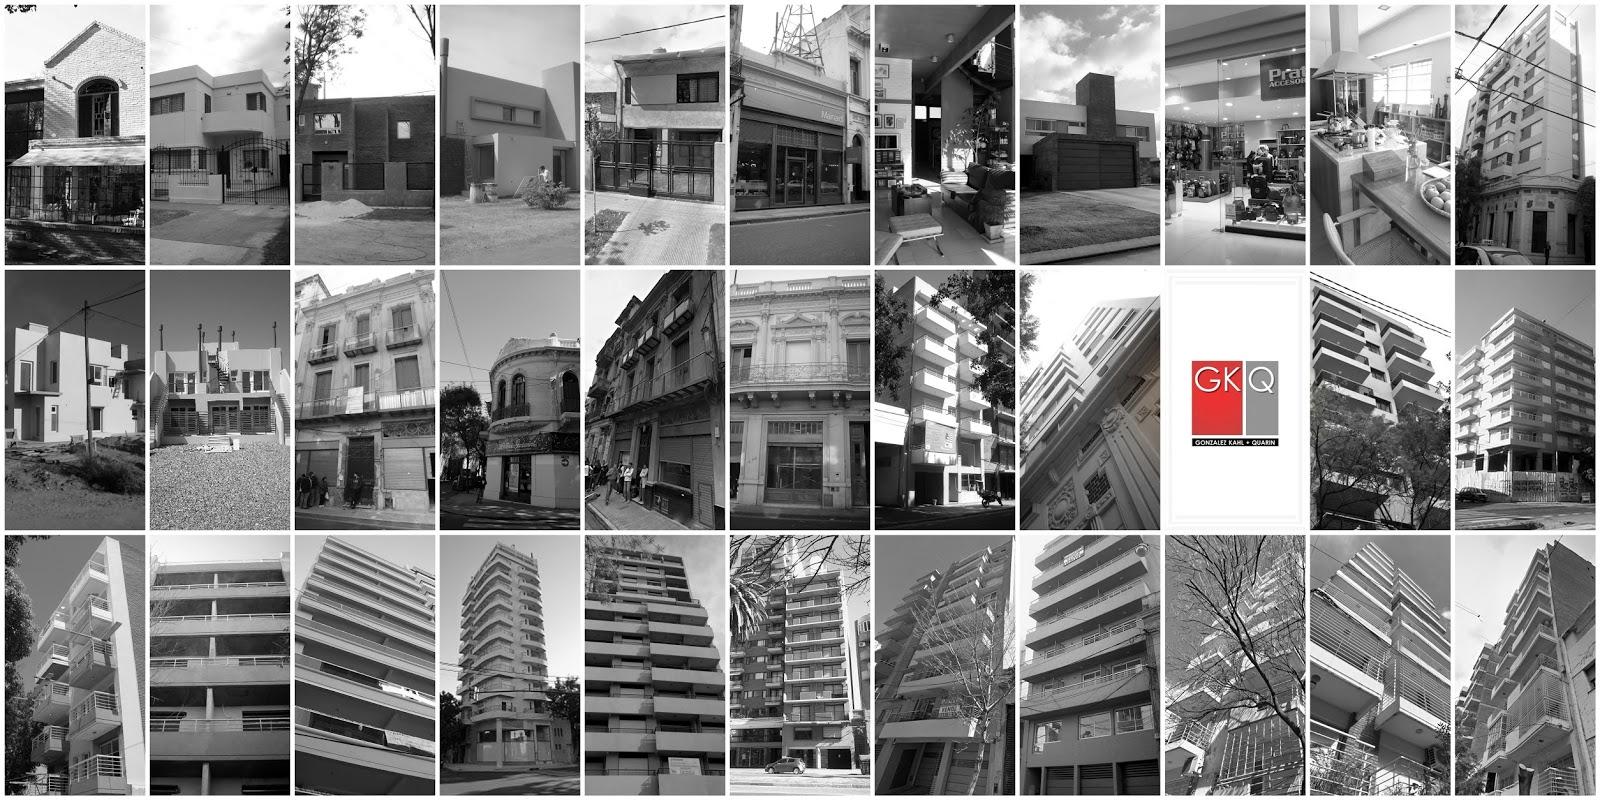 Gkq arquitectura antecedentes del estudio gkq for Arquitectura rosario